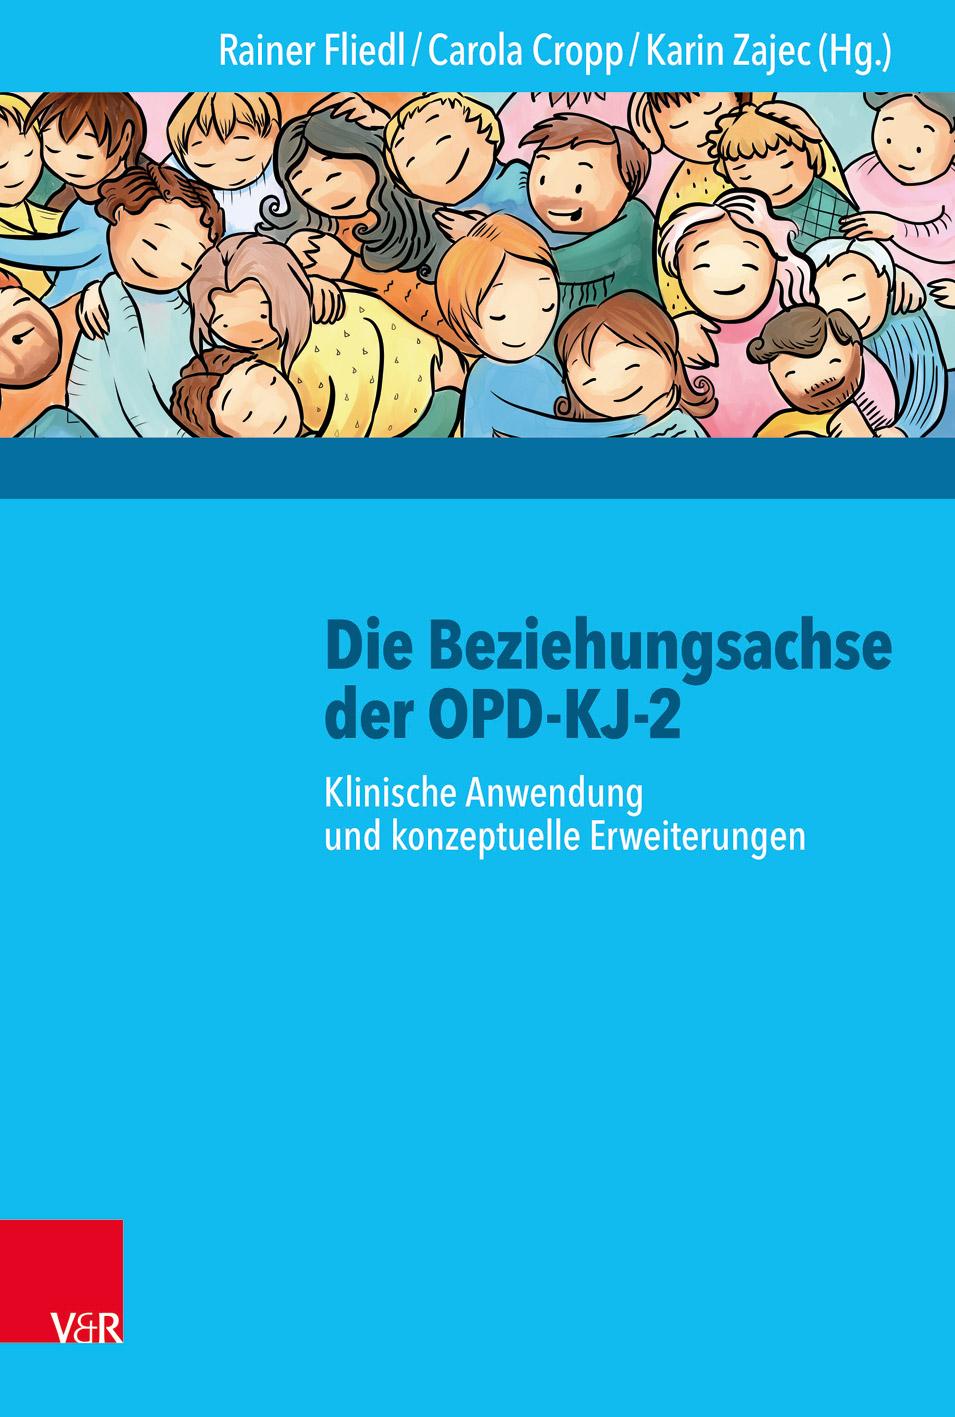 Die Beziehungsachse der OPD-KJ-2